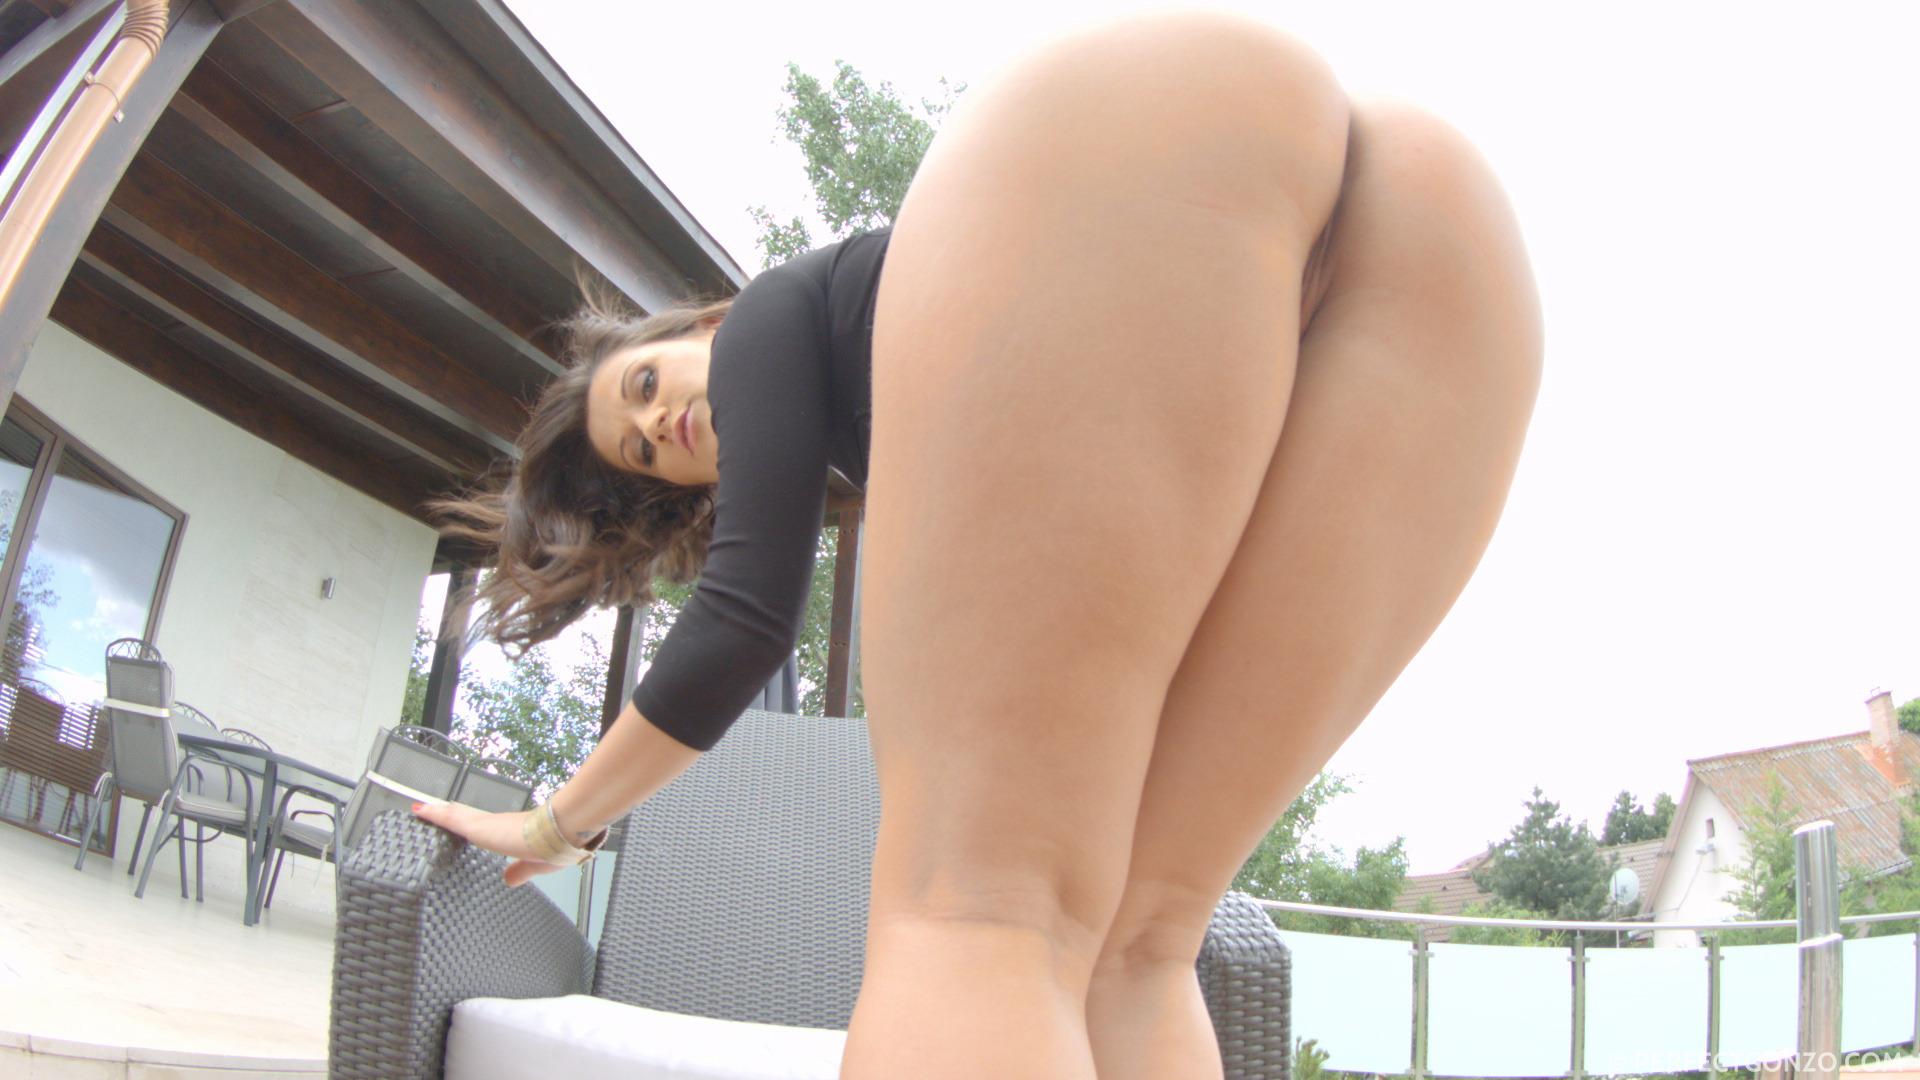 sultry-brunette-perfect-butt-ass